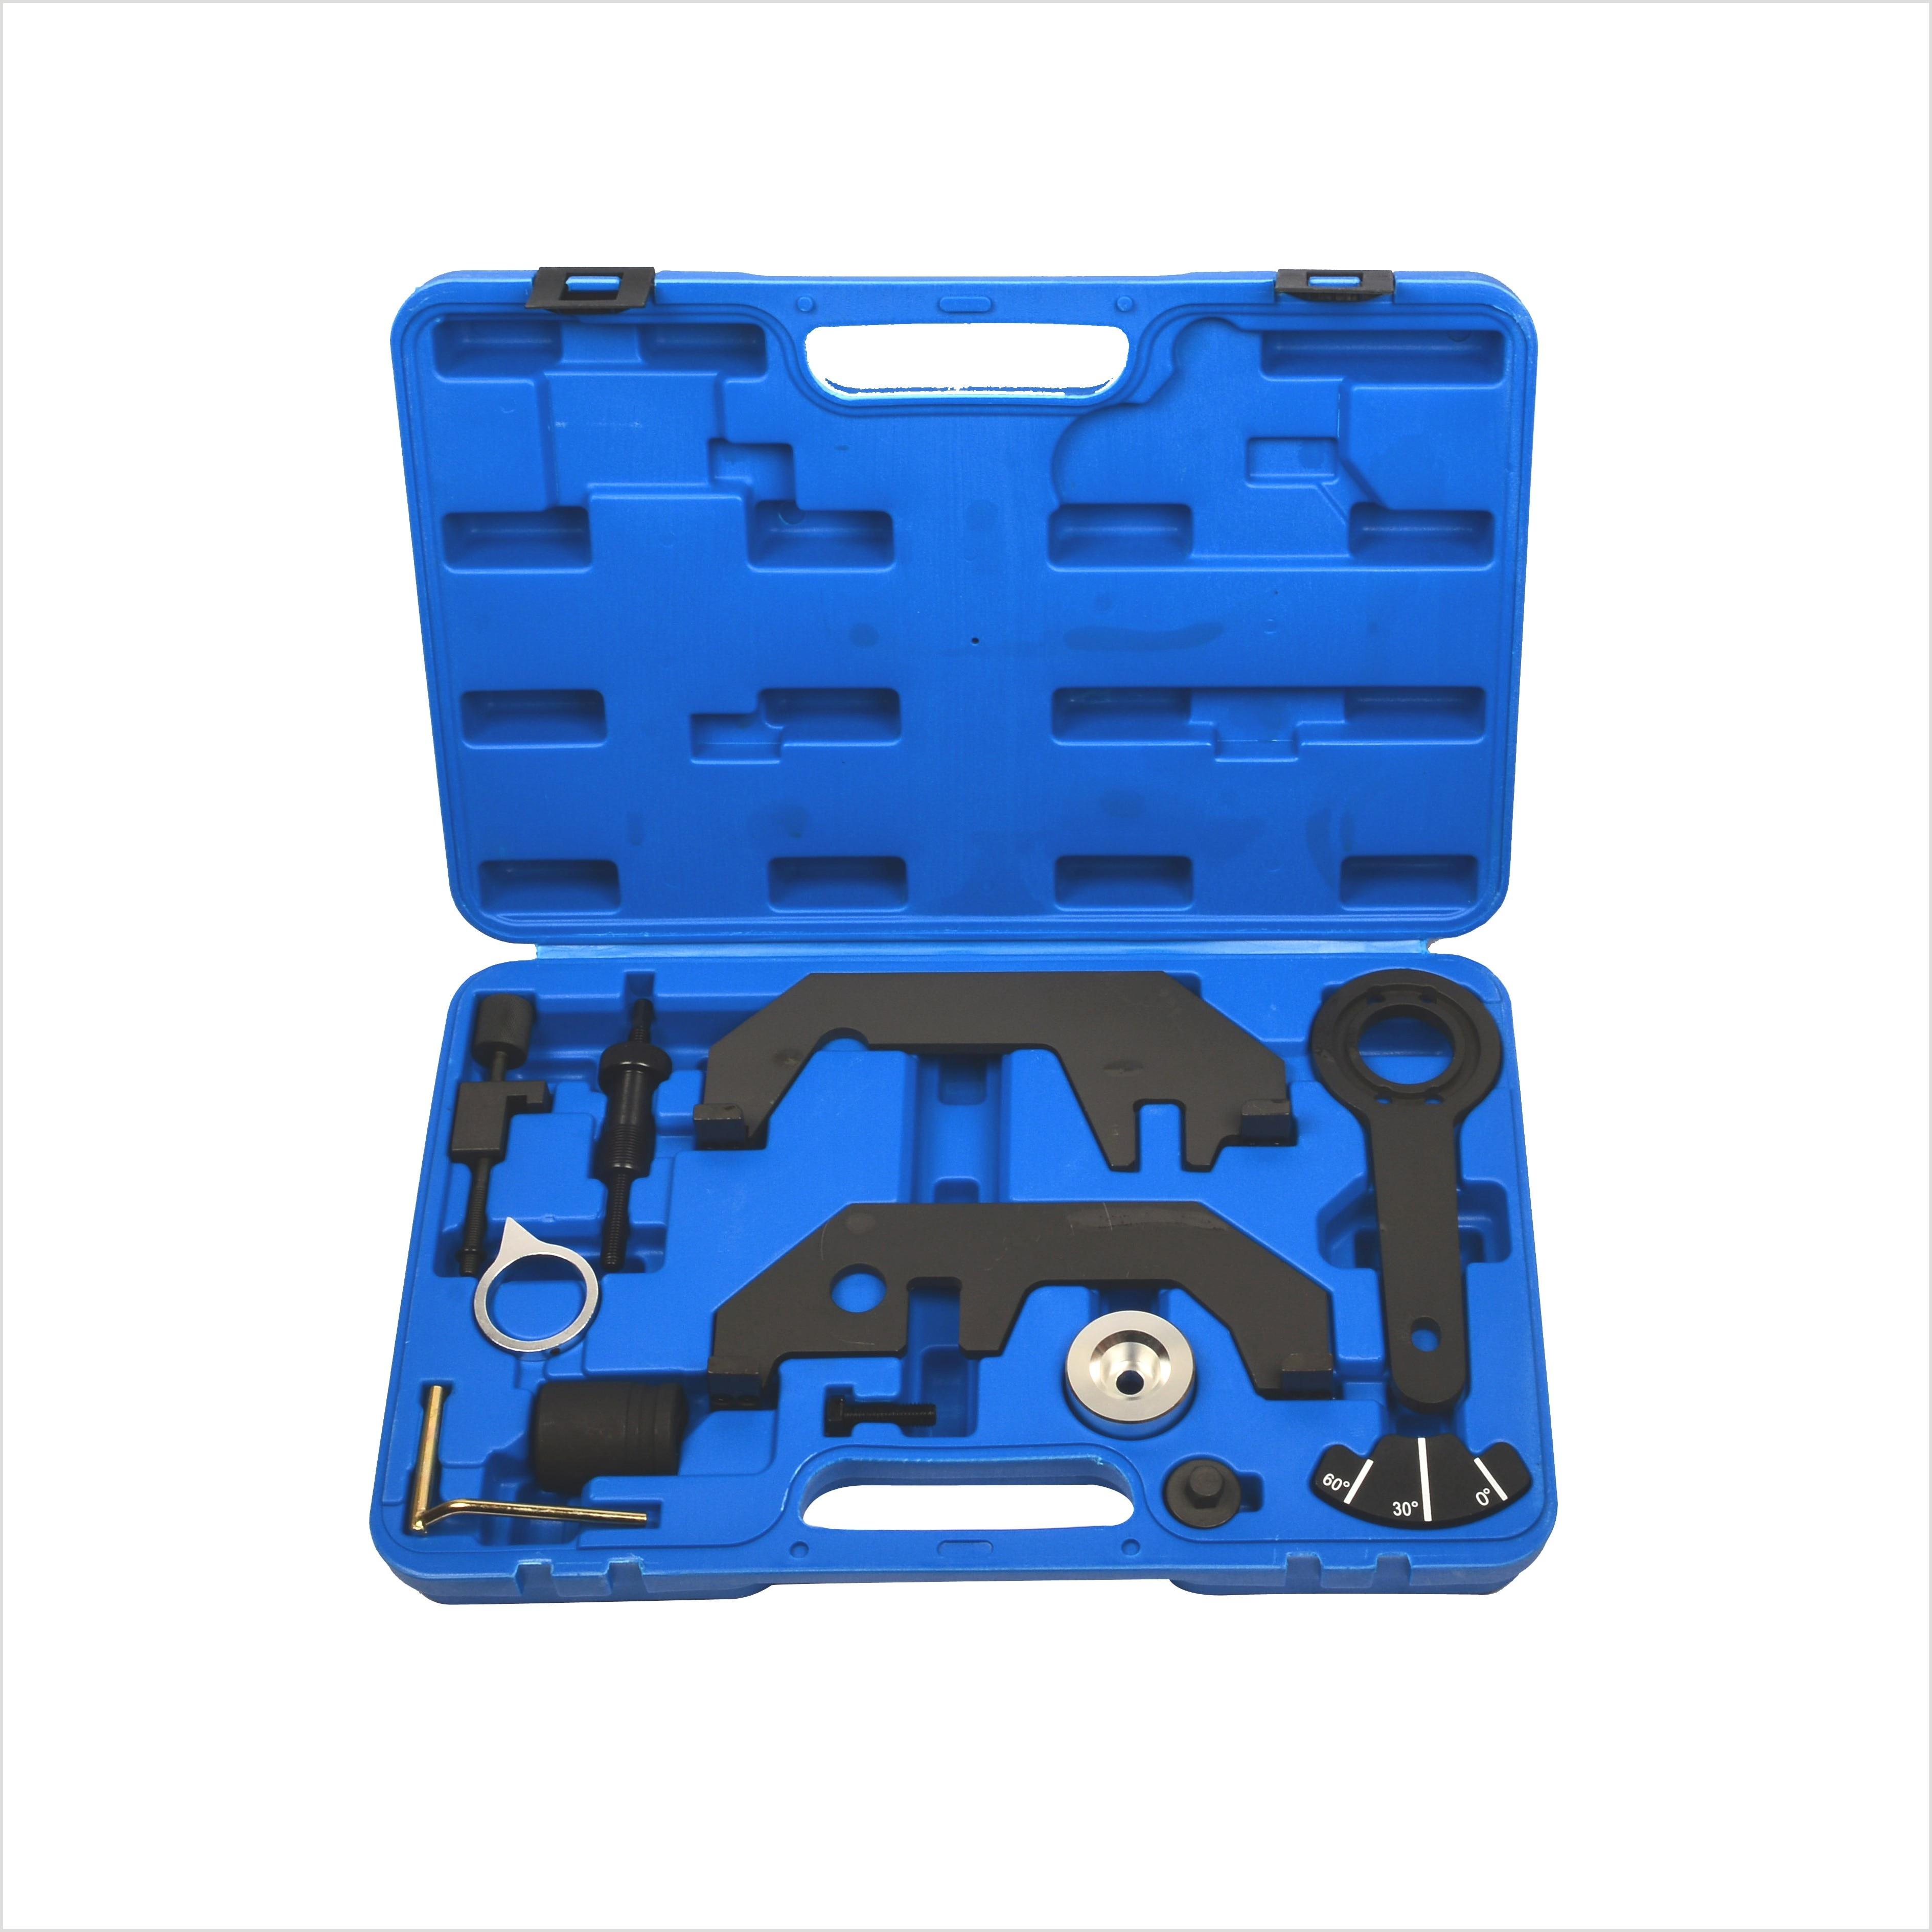 For BMW N62/N73 Alignment Camshaft Crankshaft Timing Master Tool Kit Set консервы clan cat для взрослых кошек паштет с телятиной и индейкой 100 г